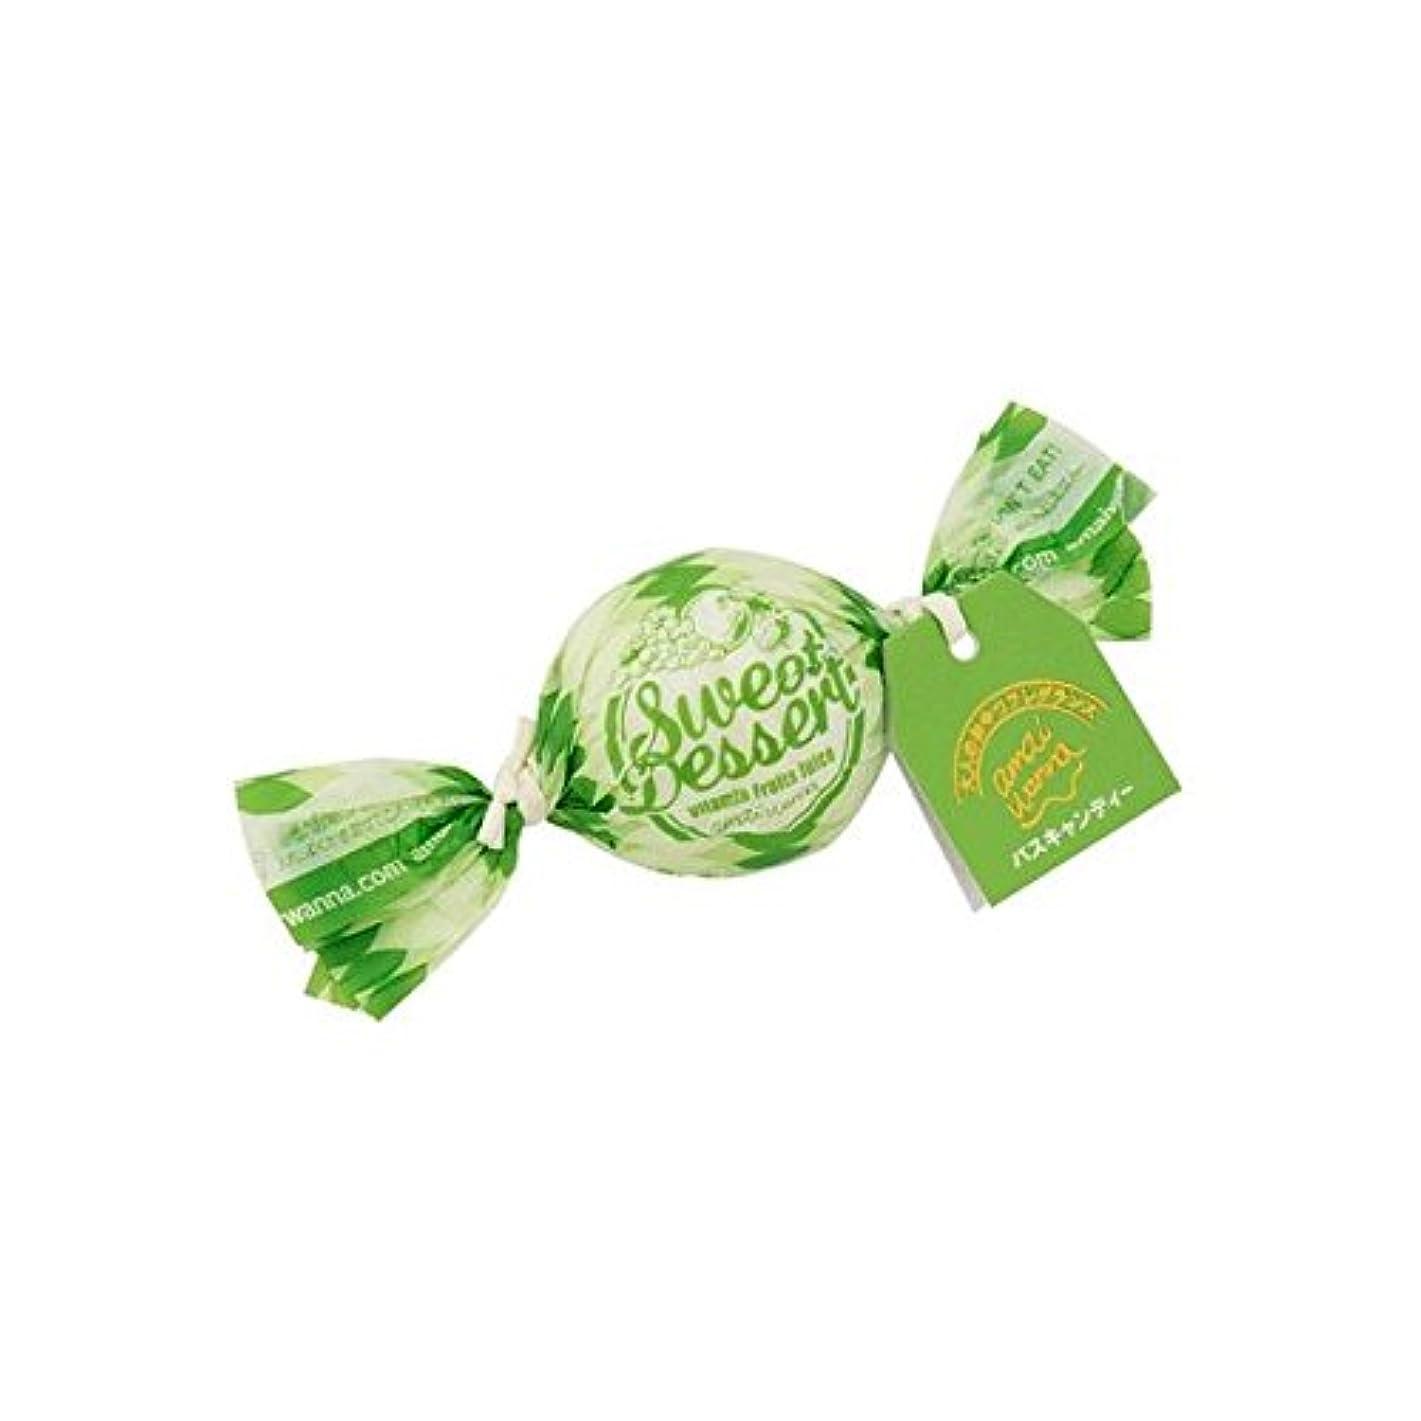 に対応農村皮肉なグローバルプロダクトプランニング アマイワナ バスキャンディー 1粒 ビタミンフルーツジュース 35g 4517161124224